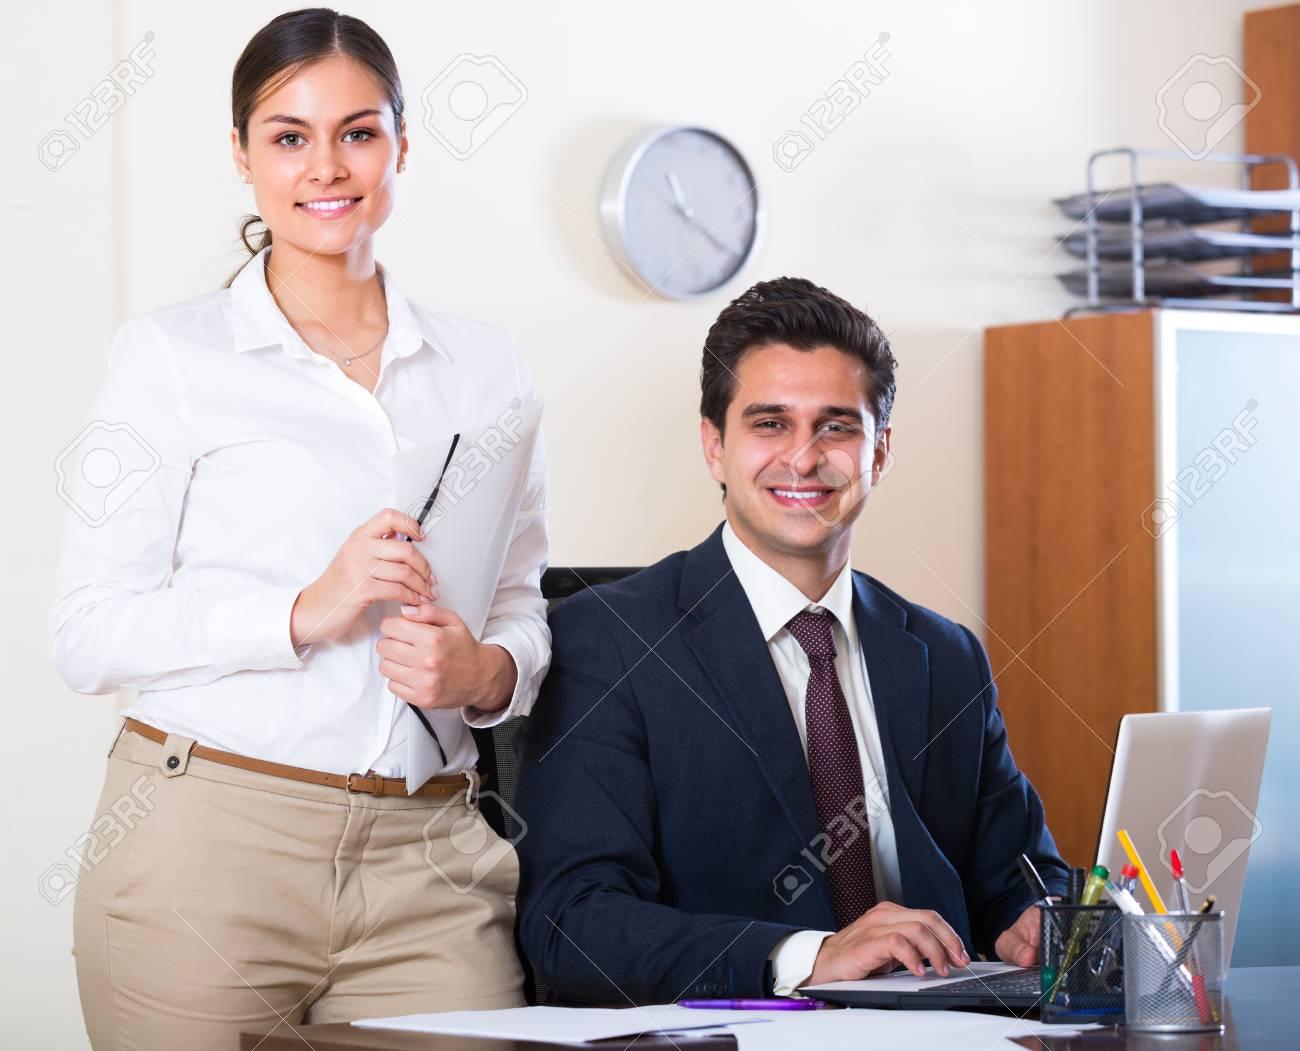 Heureux homme d affaires souriant et sa jeune secrétaire attrayant